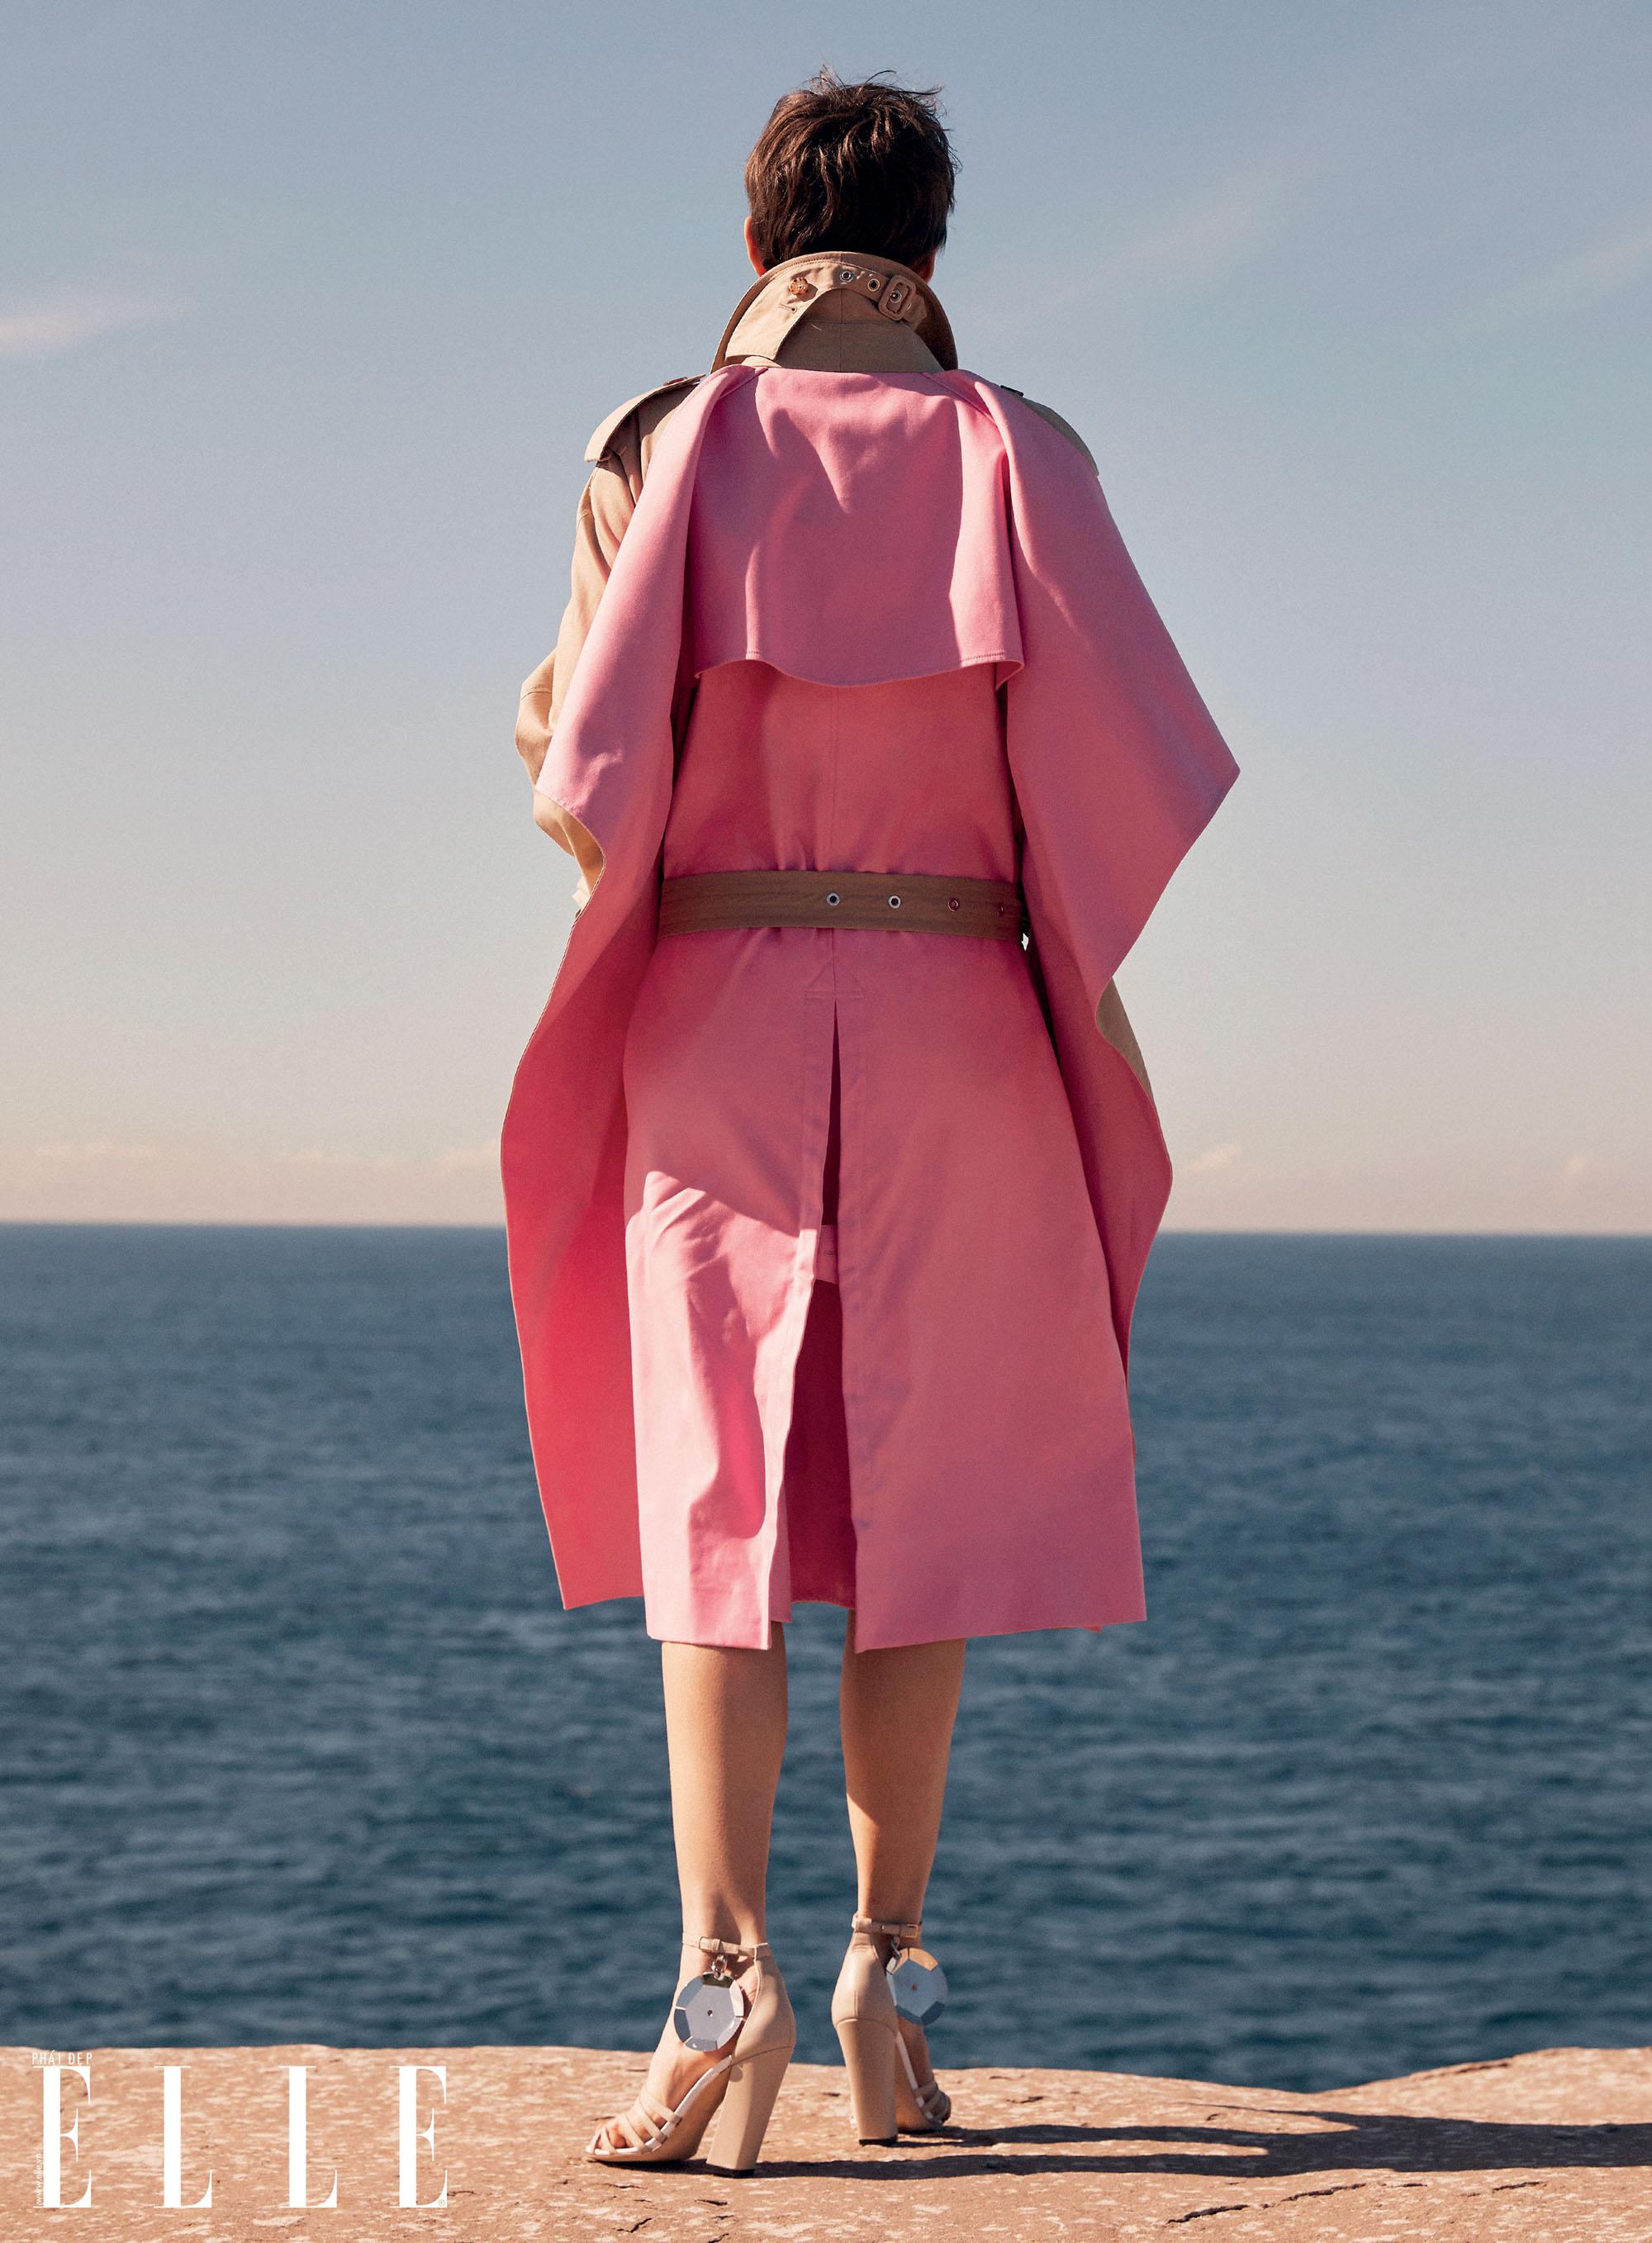 bộ ảnh thời trang Hè 2020 đầm hồng chiết eo